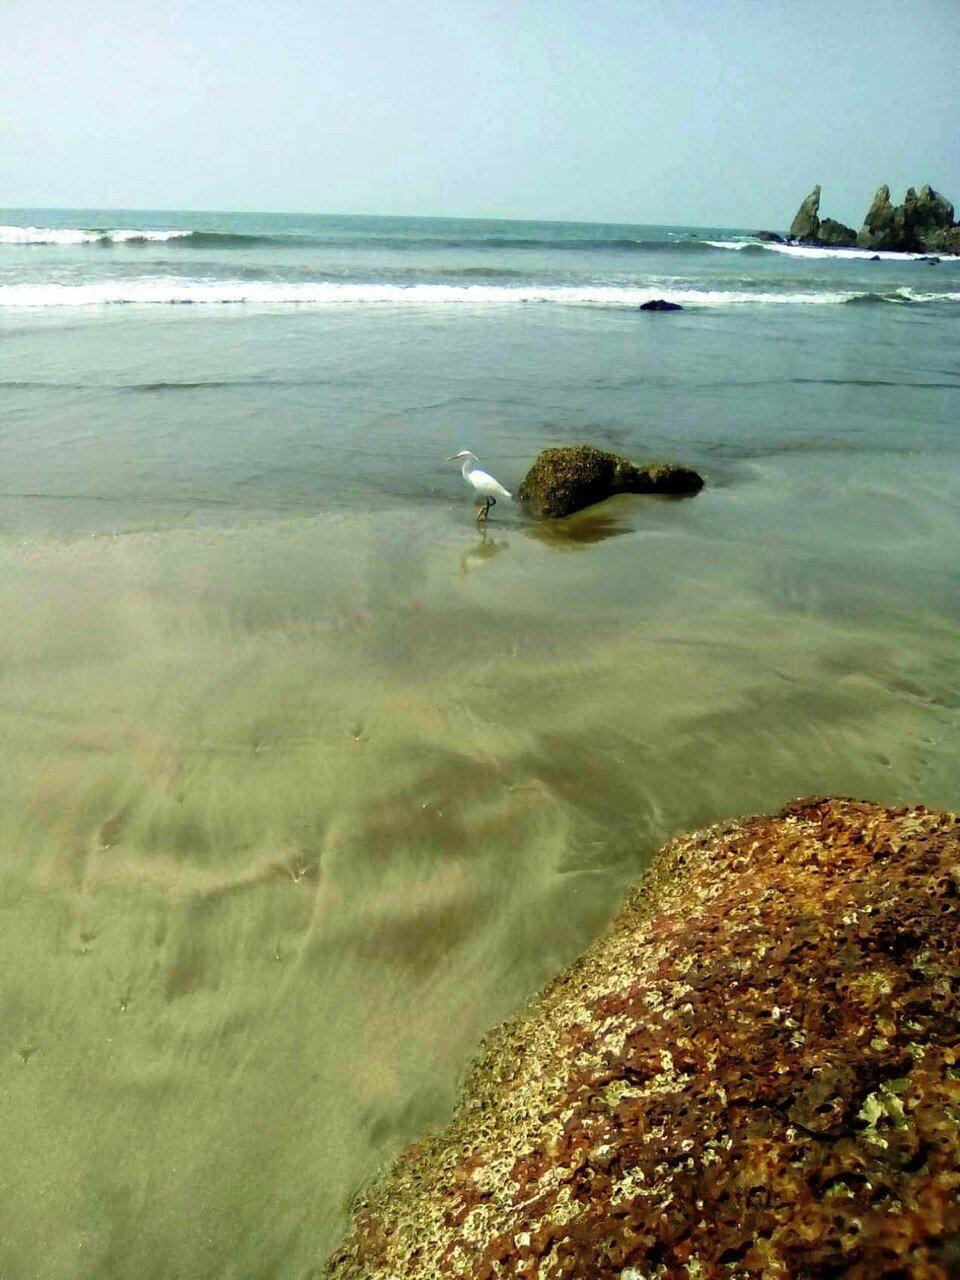 А я любуюсь морем.  Индия. январь 2017. Фотографии В. Лана.jpg